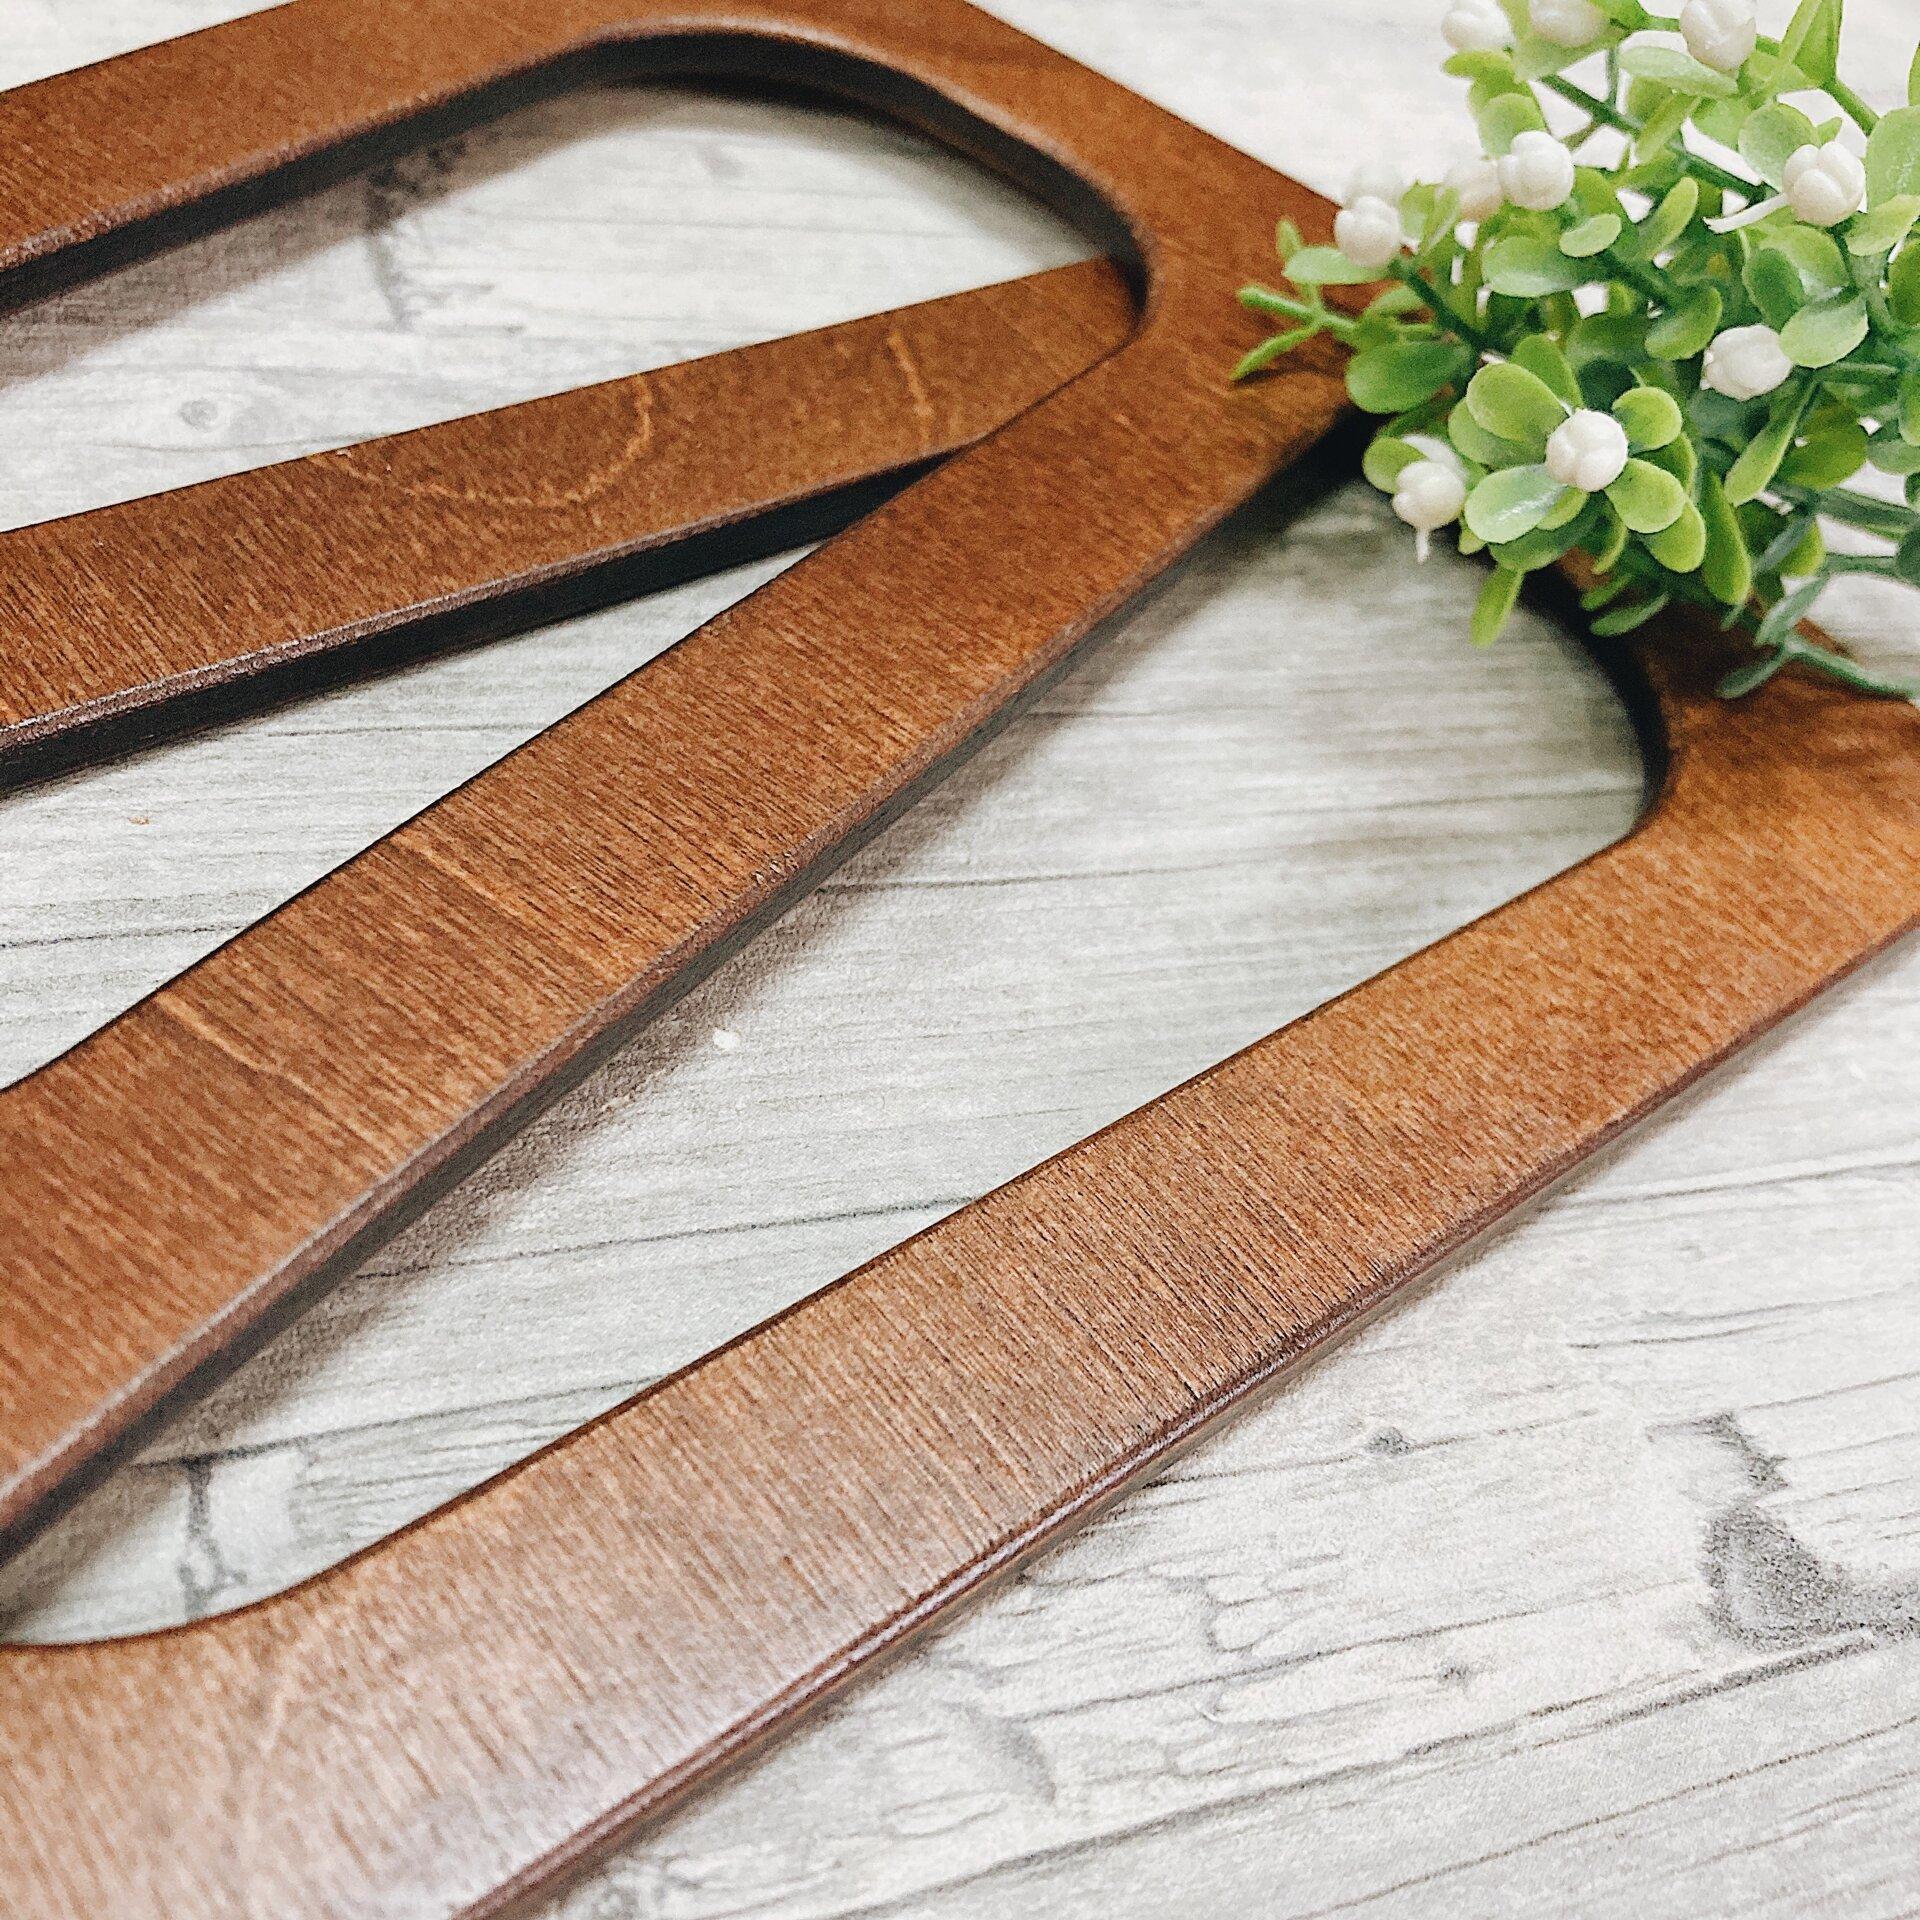 Деревянные ручки для вязаных сумок, прямоугольные 20*10см, цвет орех - фото pic_327606559001cc221684b6a33c526c60_1920x9000_1.jpg